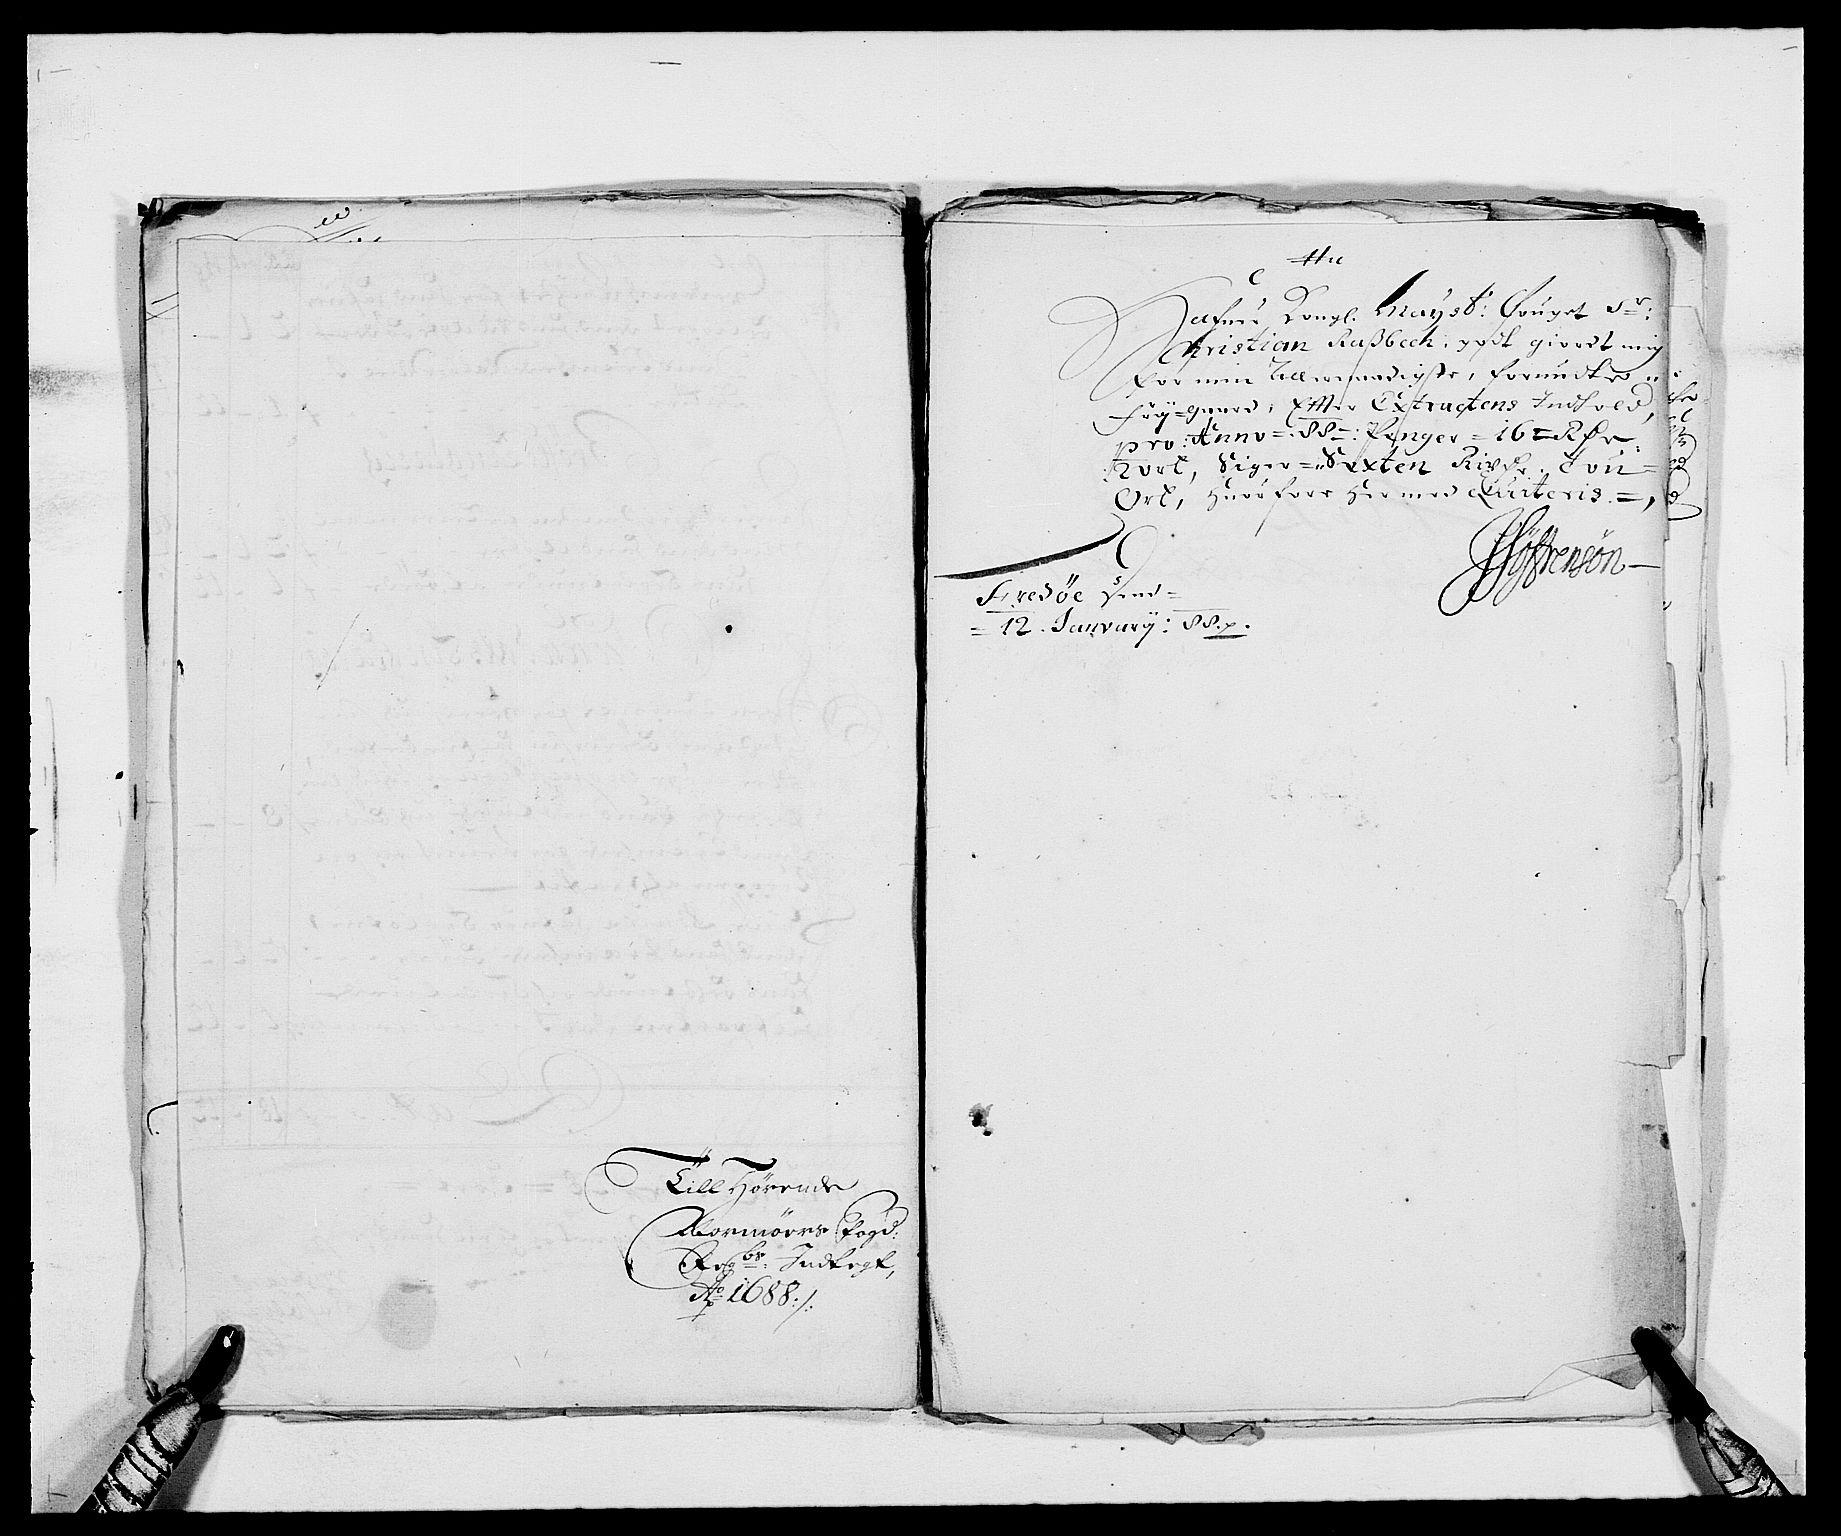 RA, Rentekammeret inntil 1814, Reviderte regnskaper, Fogderegnskap, R56/L3733: Fogderegnskap Nordmøre, 1687-1689, s. 321